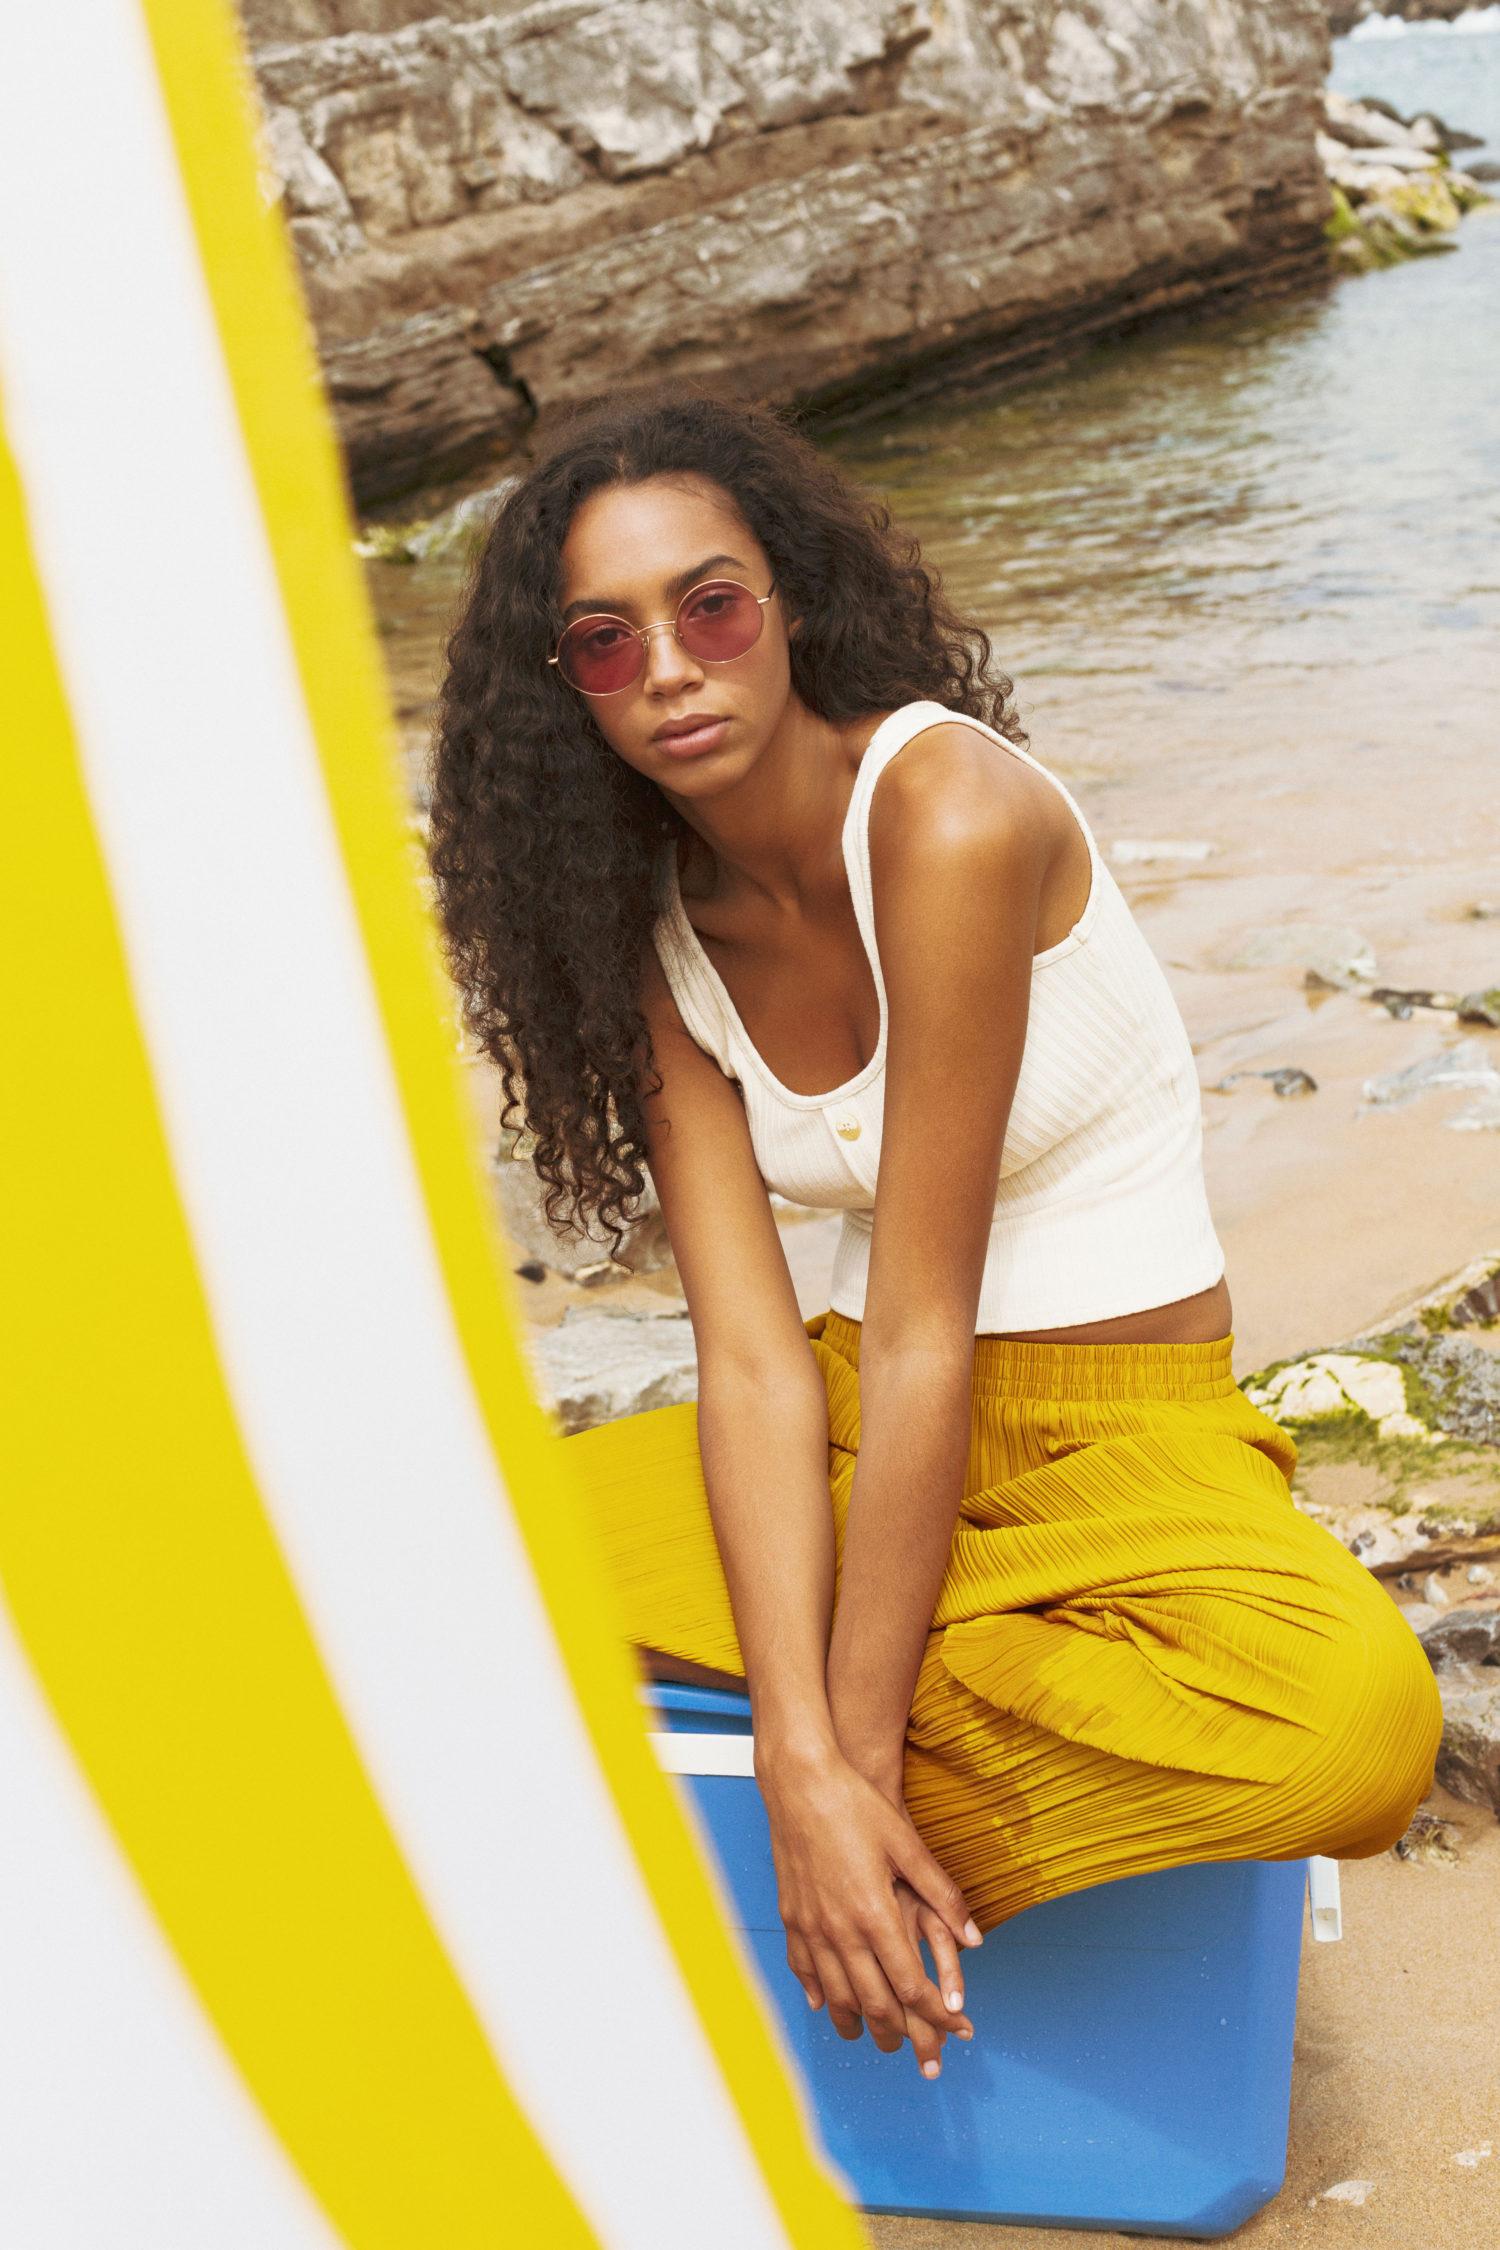 afro curly hair beach style eglantie reigniez